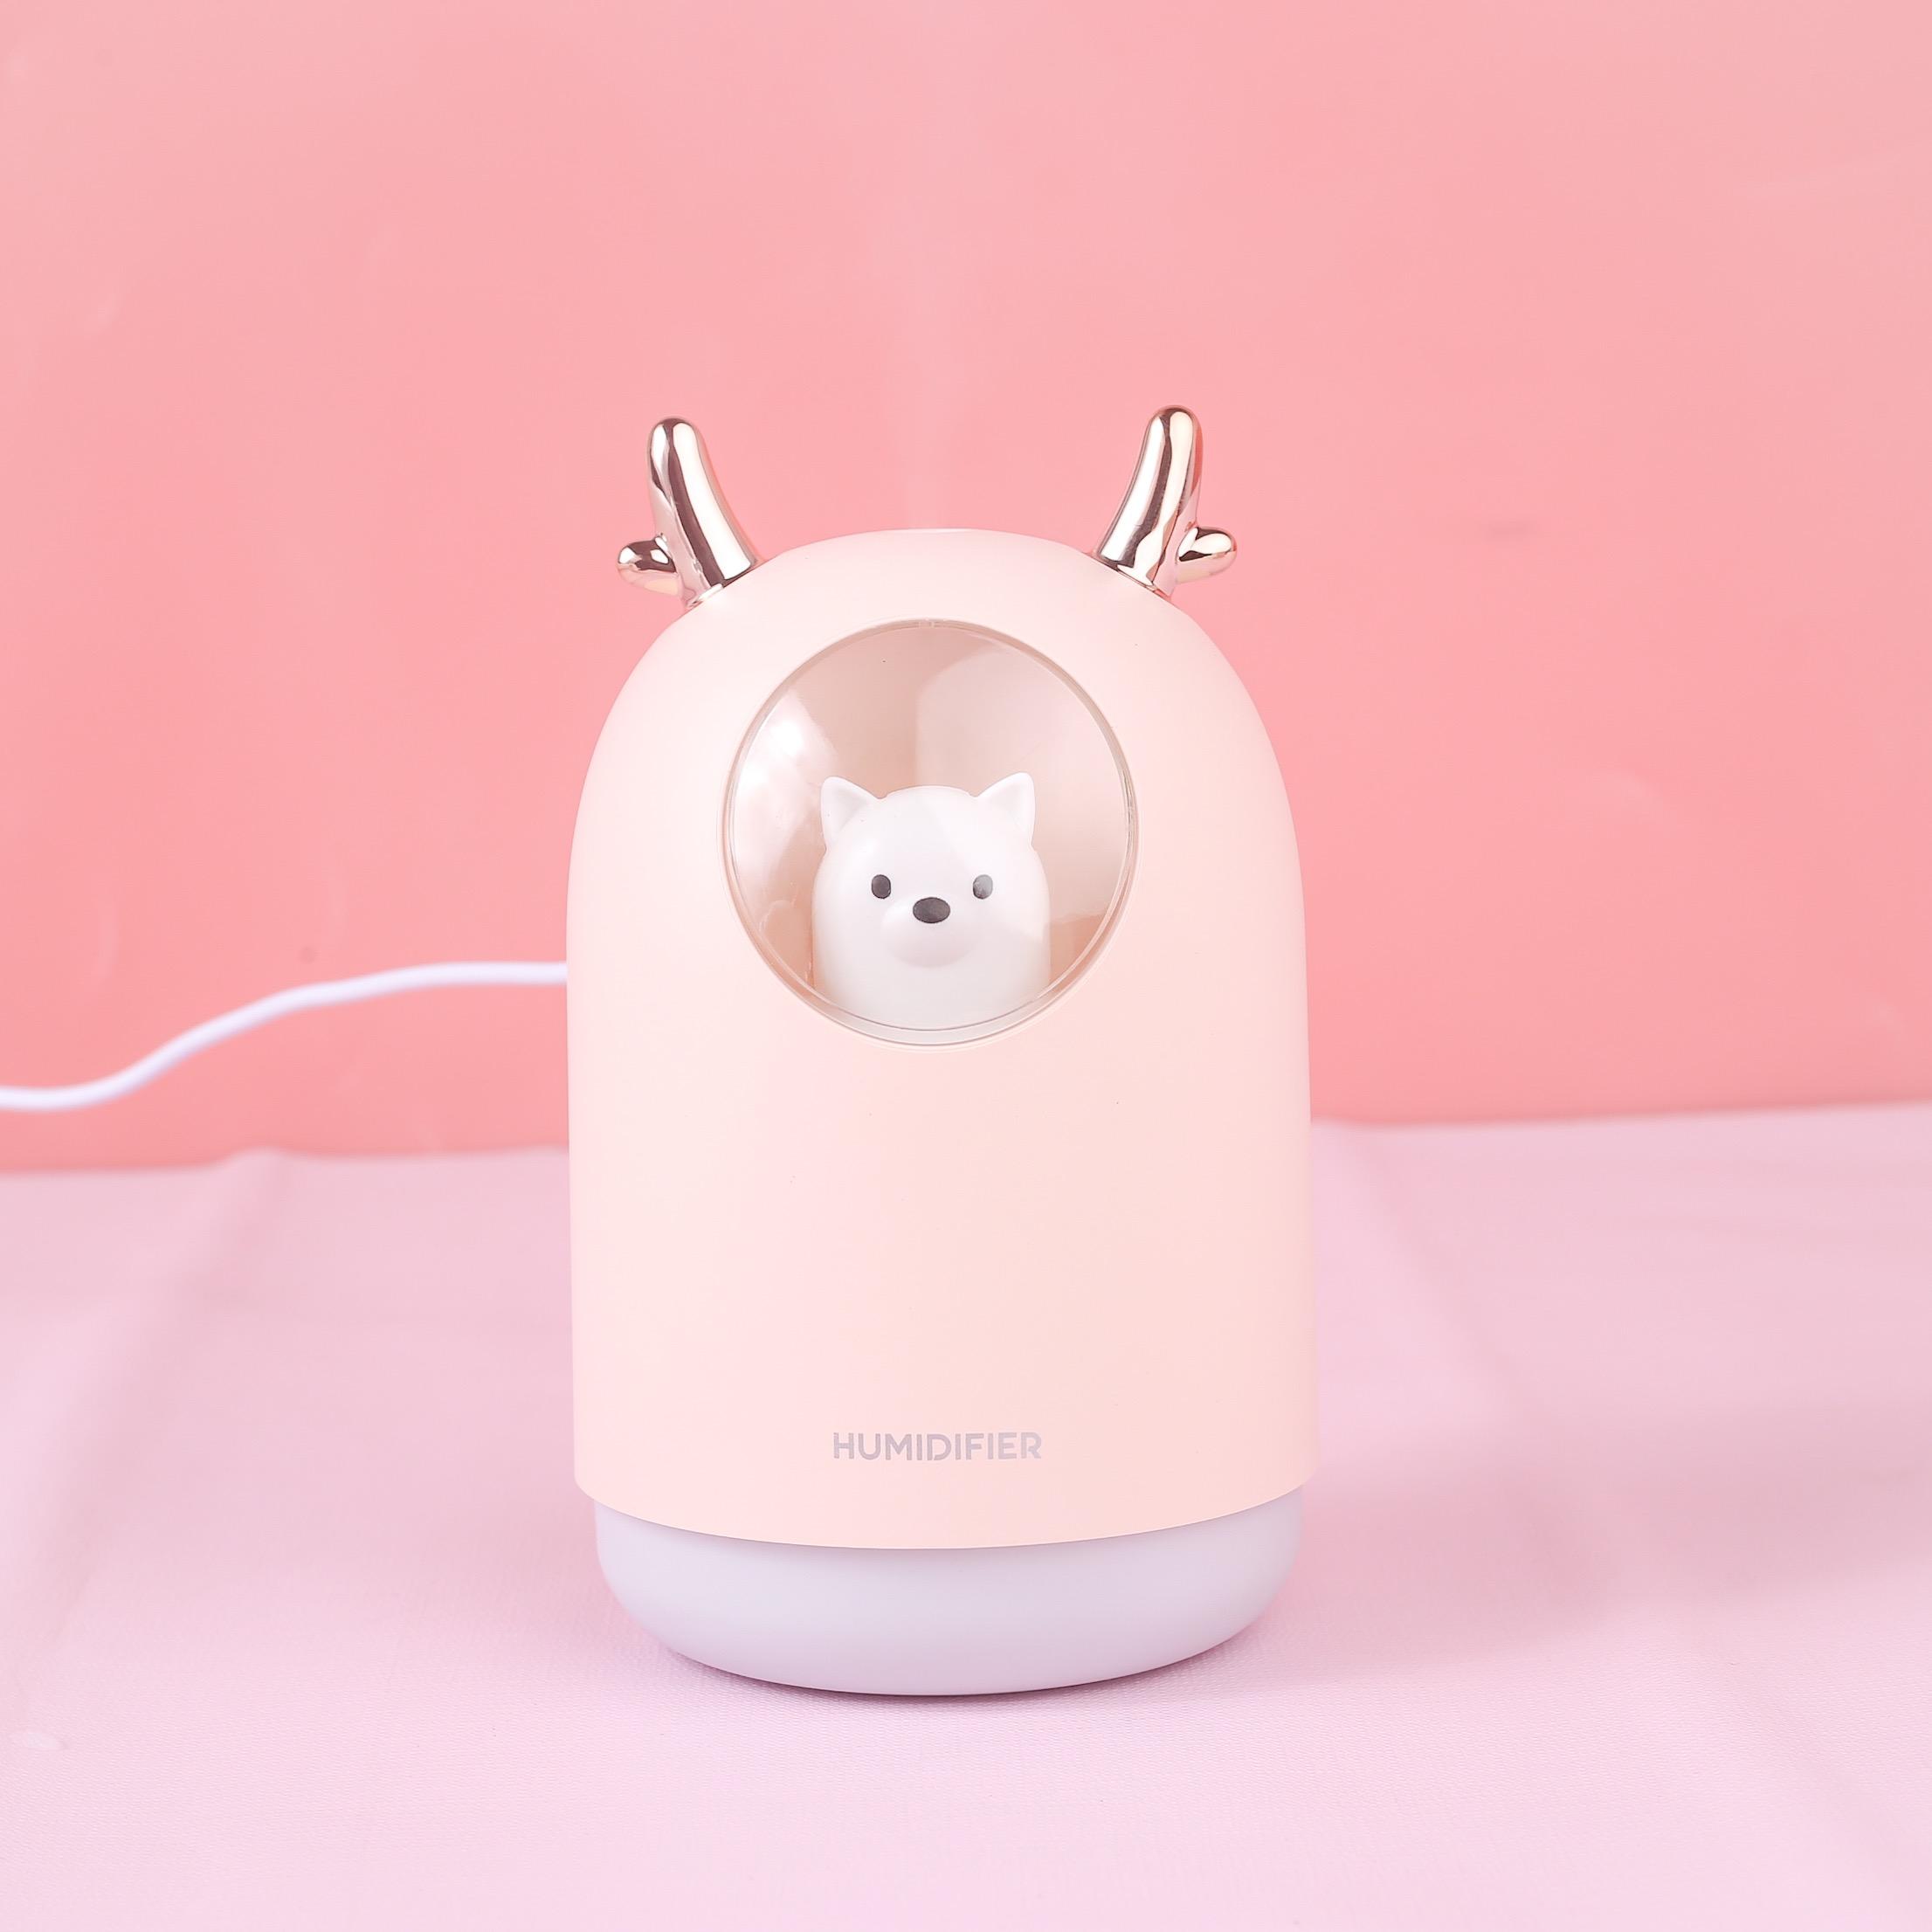 Máy Phun Sương,Tạo Độ Ẩm Essesa Hình Gấu Sạc USB Dung Tích 300ml- Hàng Chính Hãng